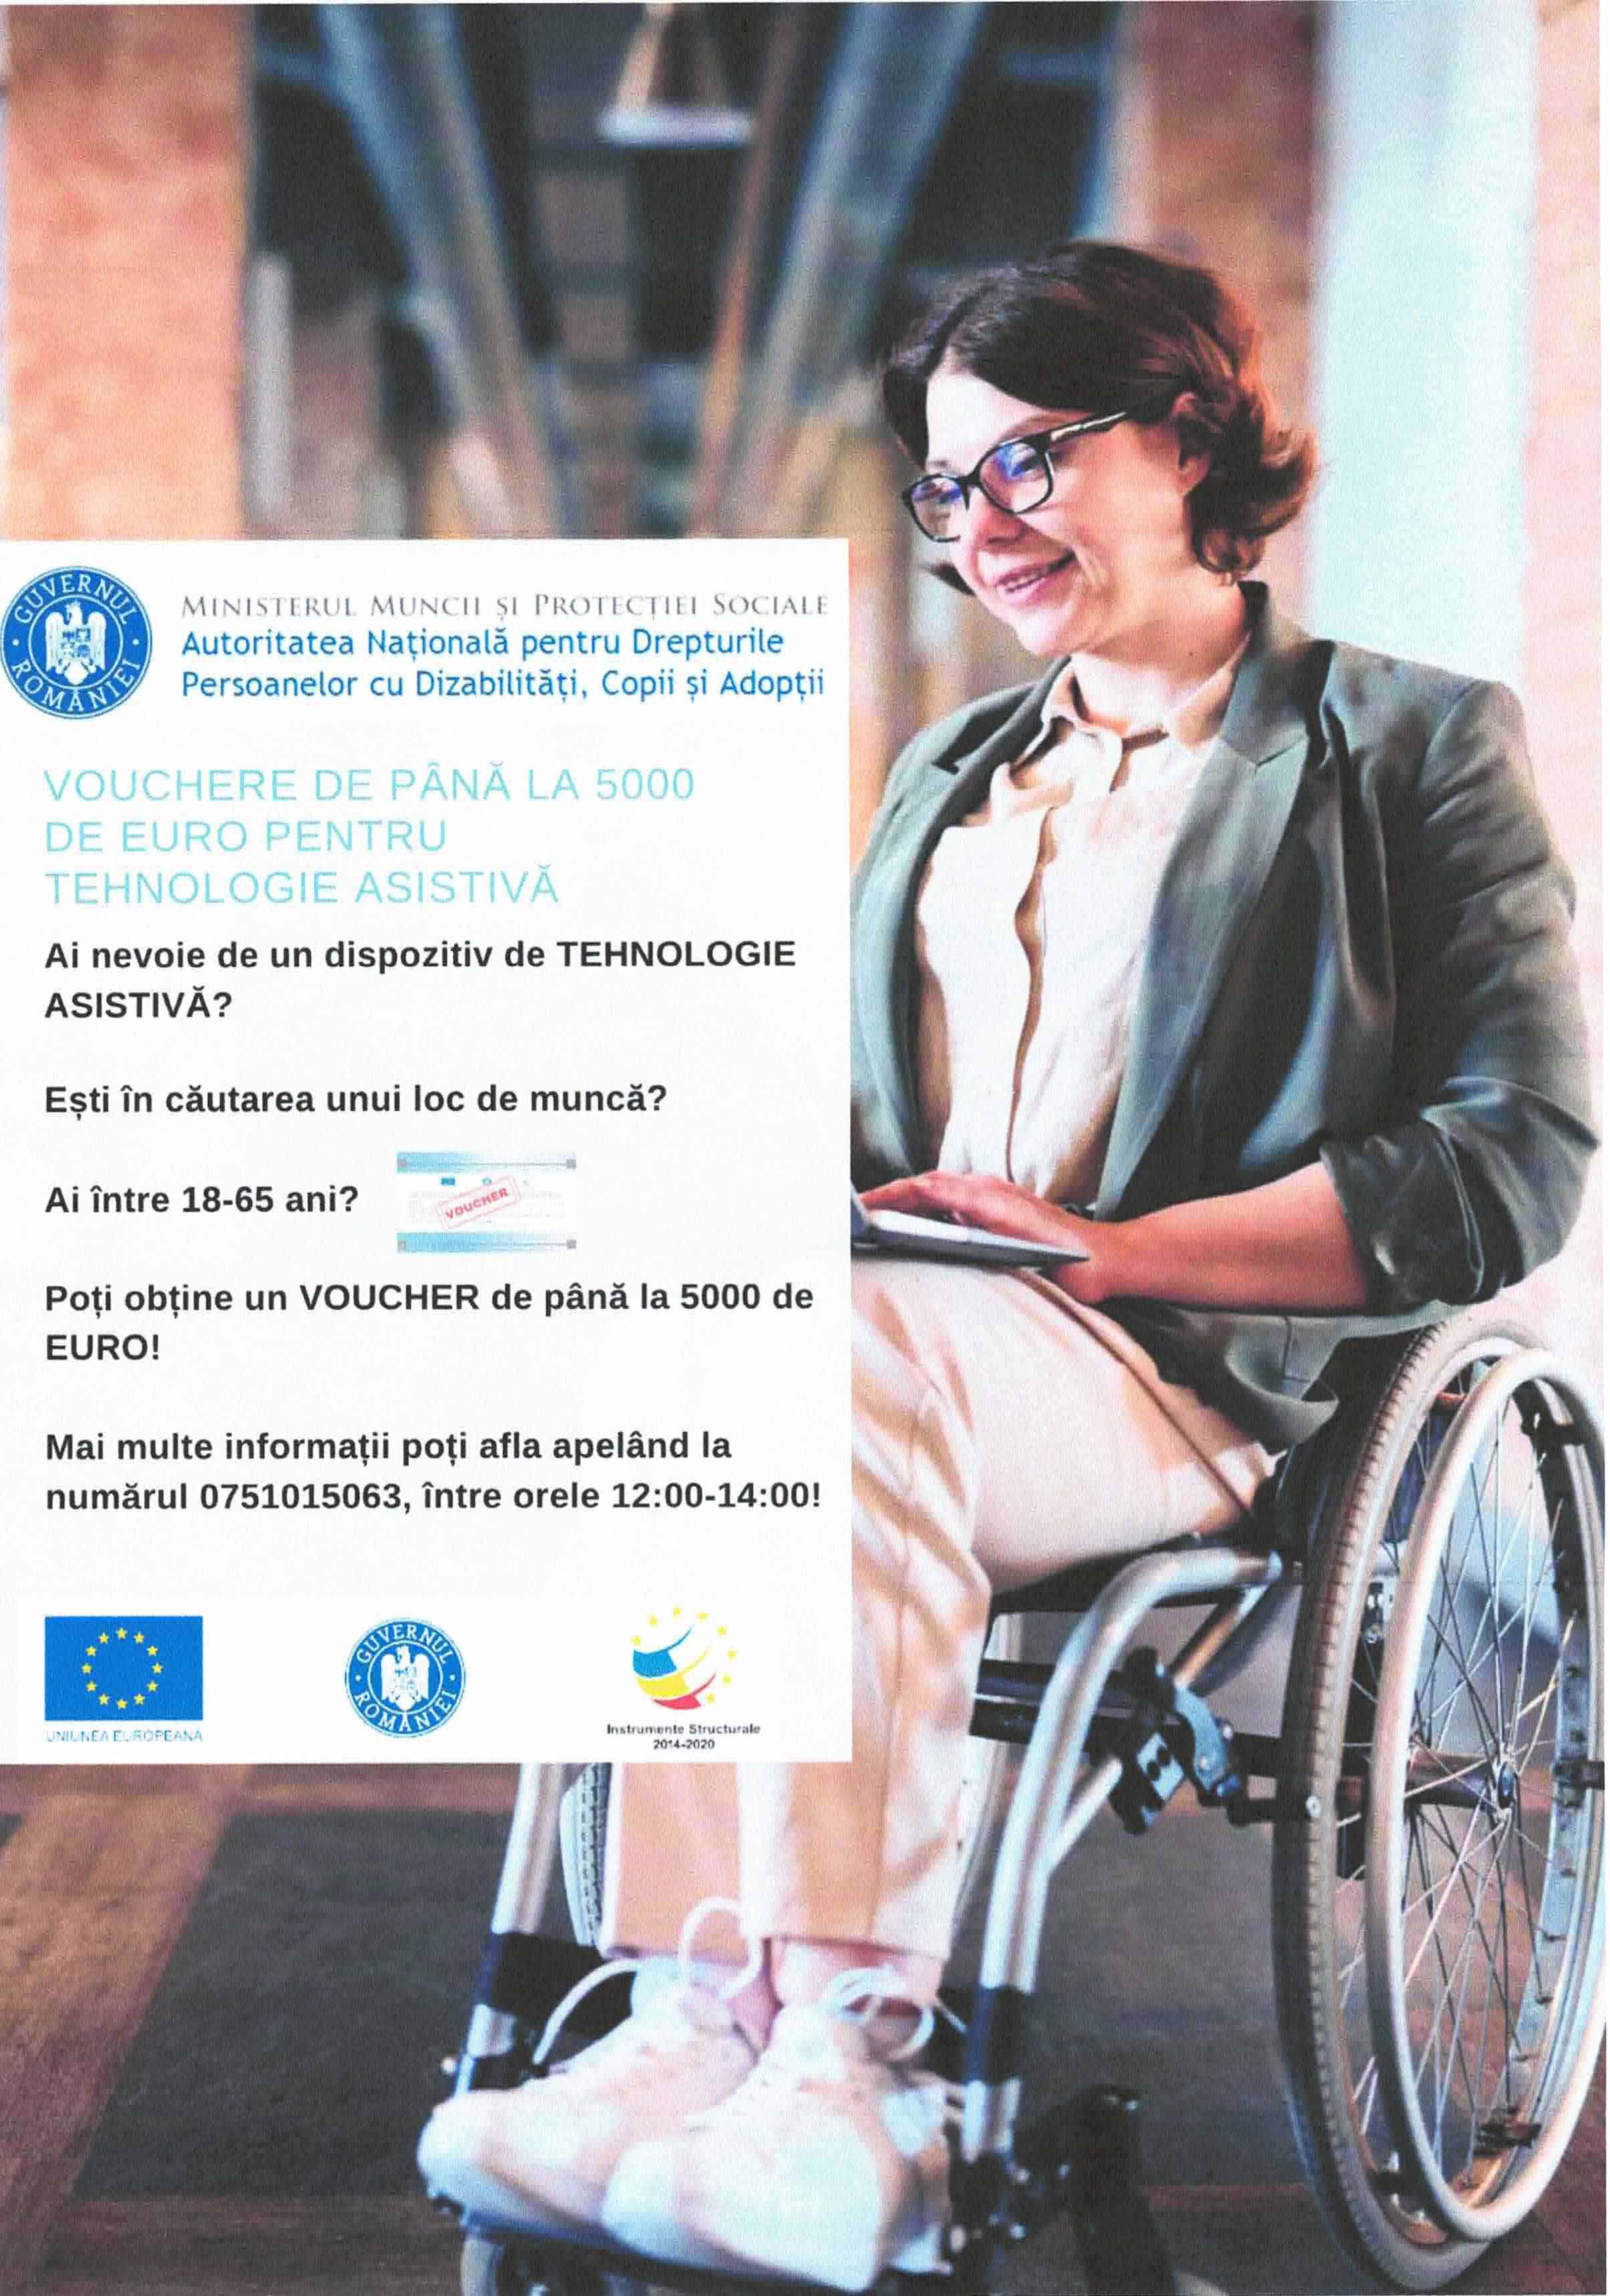 proiect-facilitarea-insertiei-pe-piata-muncii-a-persoanelor-cu-dizabilitati